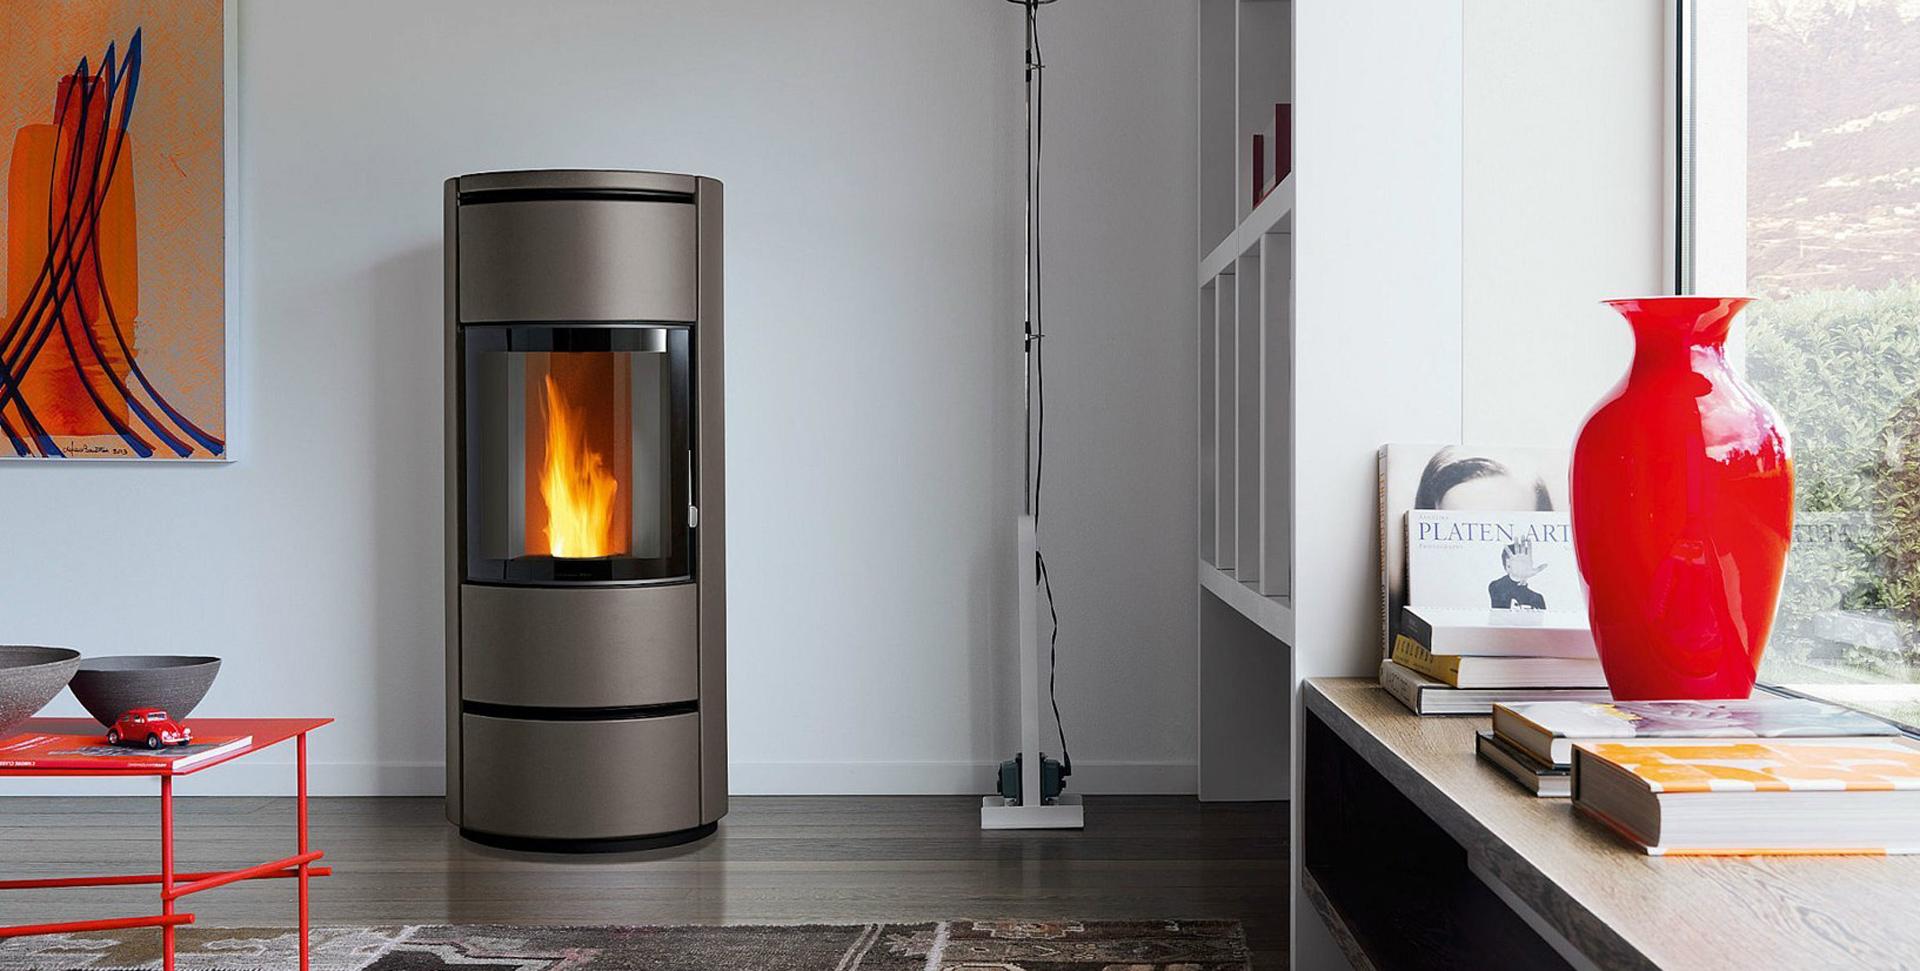 Le migliori Stufe a Pellet per riscaldare la casa - Miotto Showroom